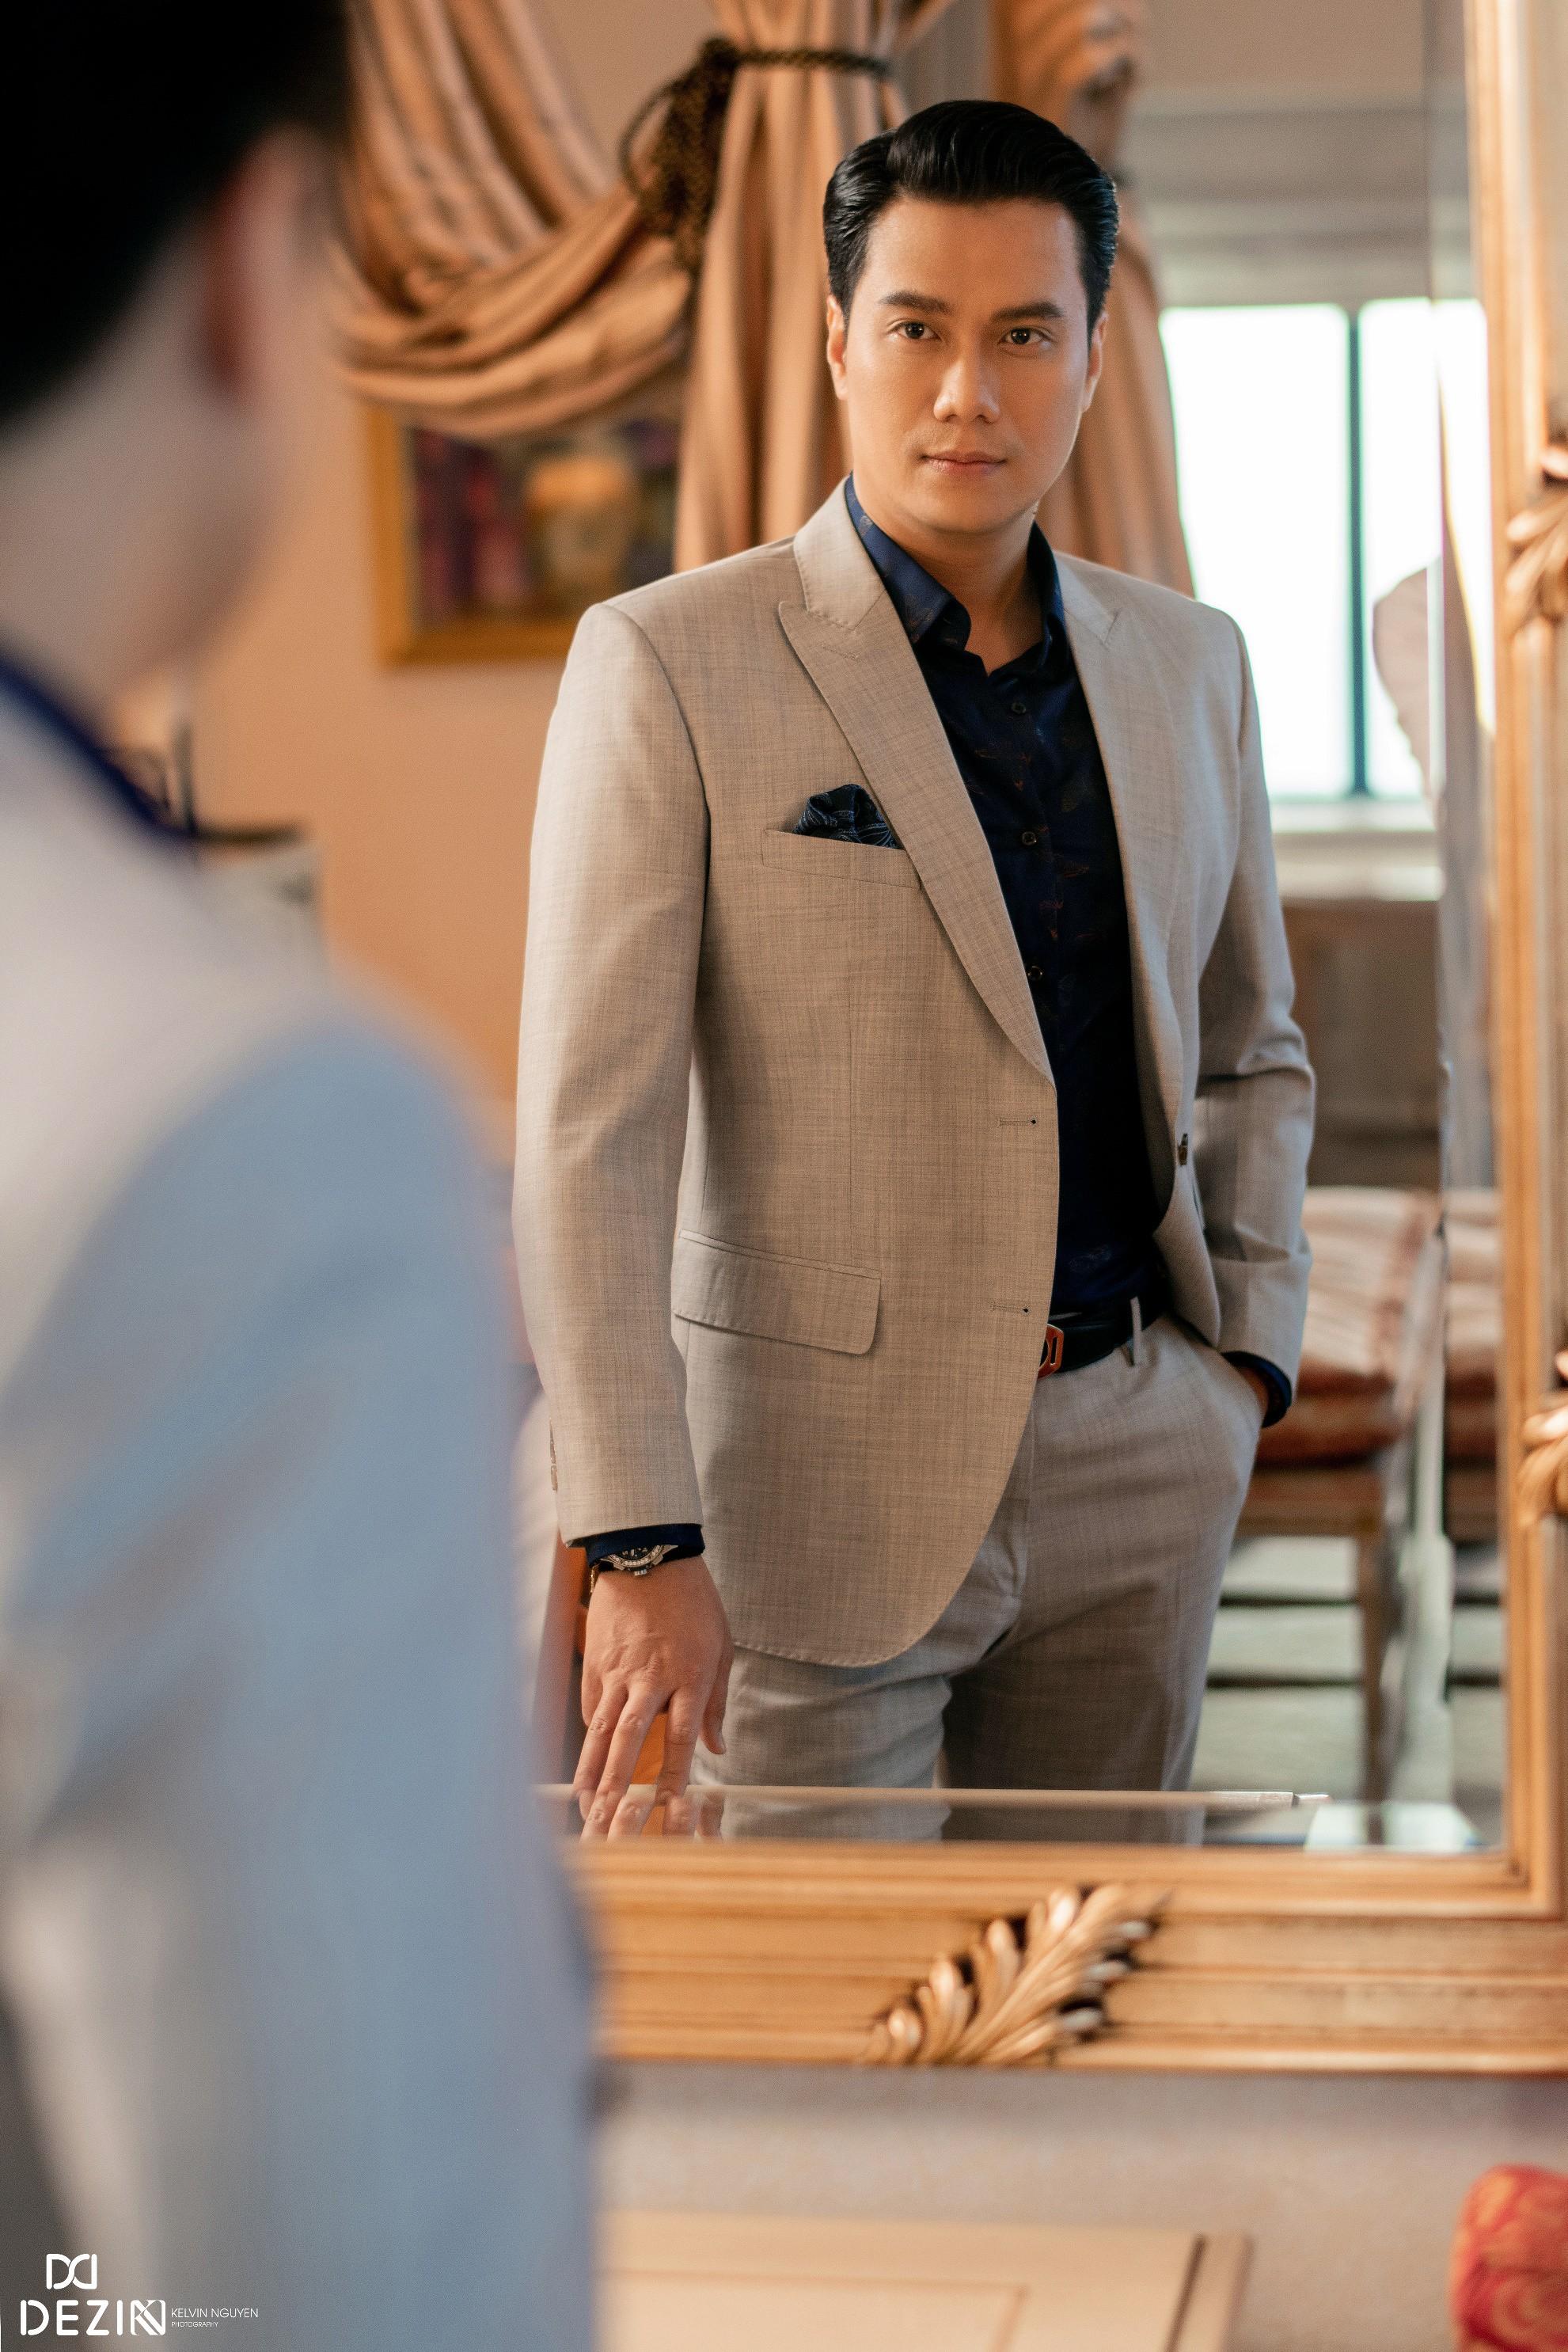 Đều mặc vest DEZI, Đông Hòa trong phim lẫn Việt Anh ngoài đời cùng khiến khán giả mê mệt với phong cách lịch lãm chuẩn soái ca - Ảnh 6.